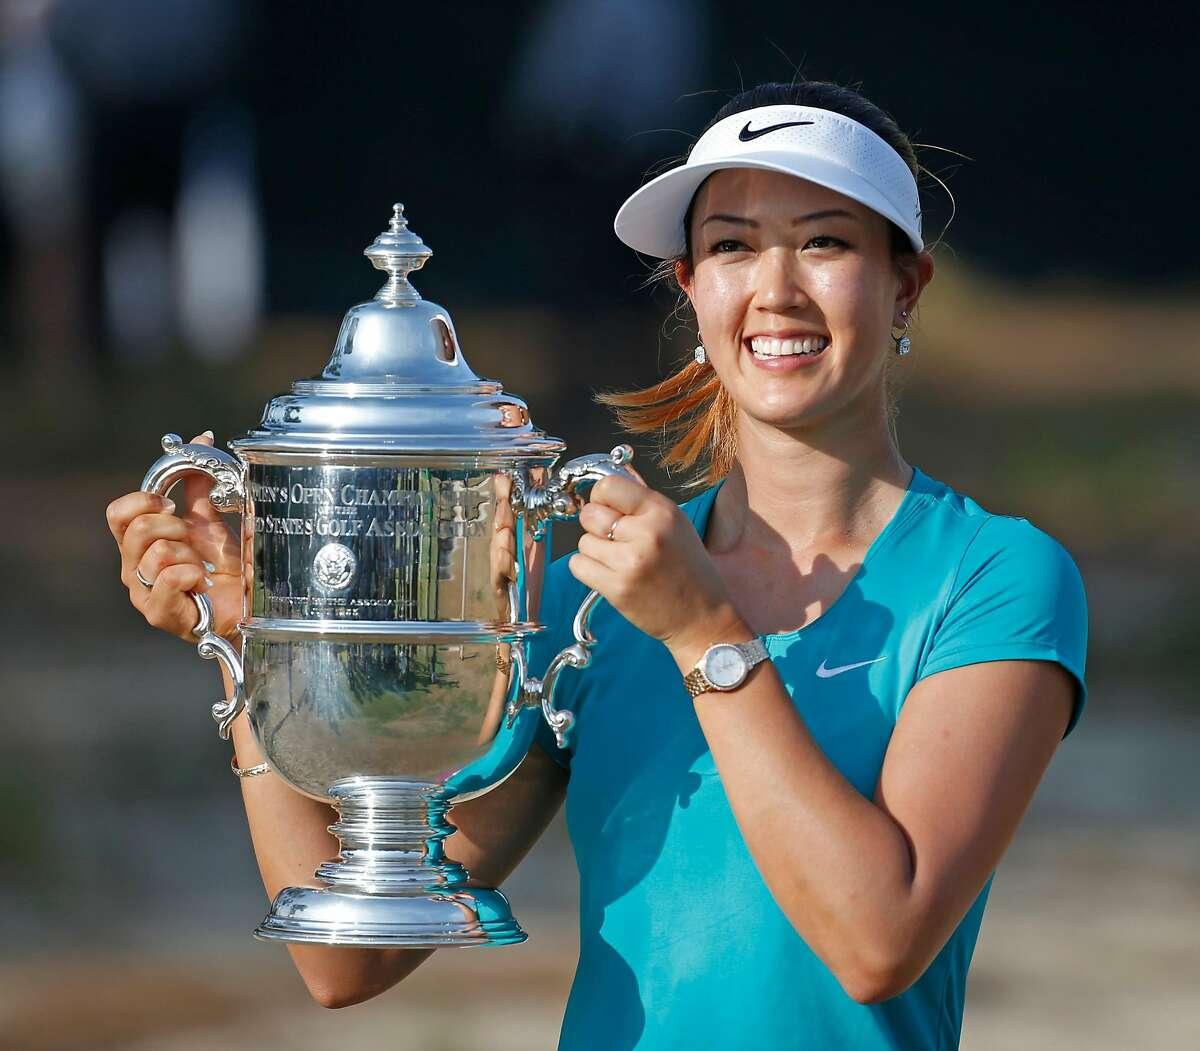 Michelle Wei는 Pinehurst에서 열린 2014 US 오픈에서 우승 한 최초의 아시아계 미국인 골퍼가되었습니다.